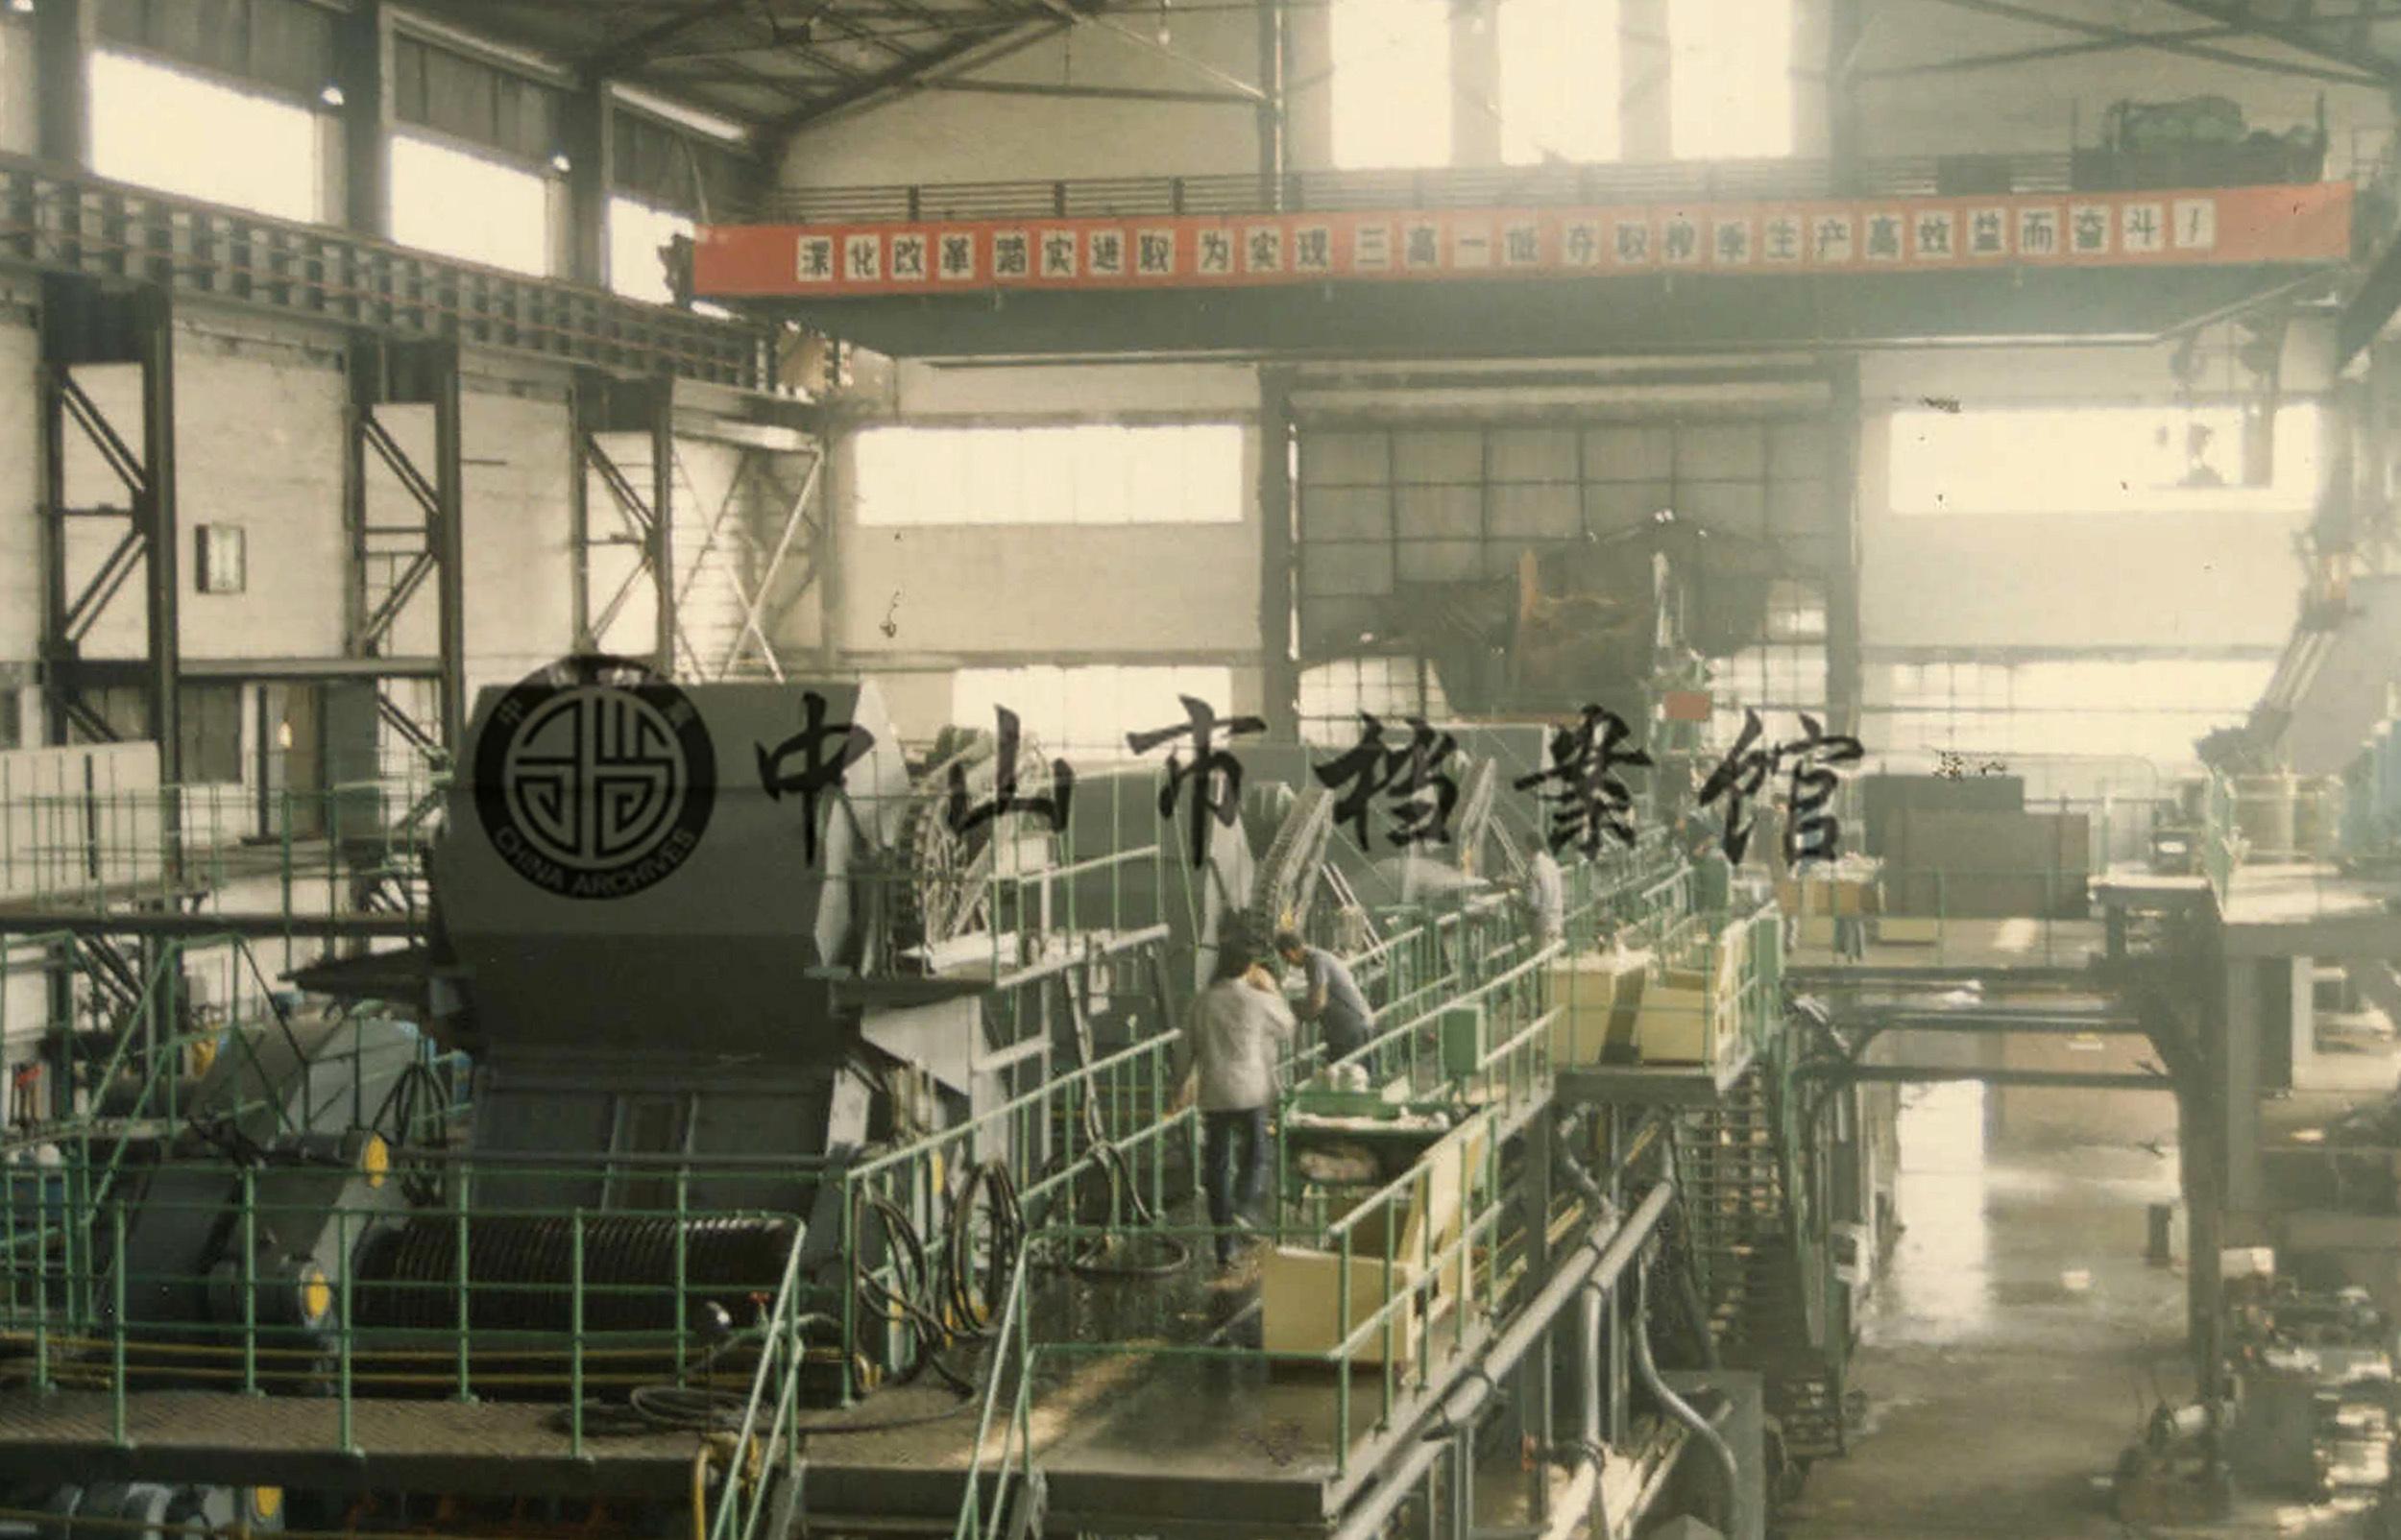 中山糖厂厂区内景。